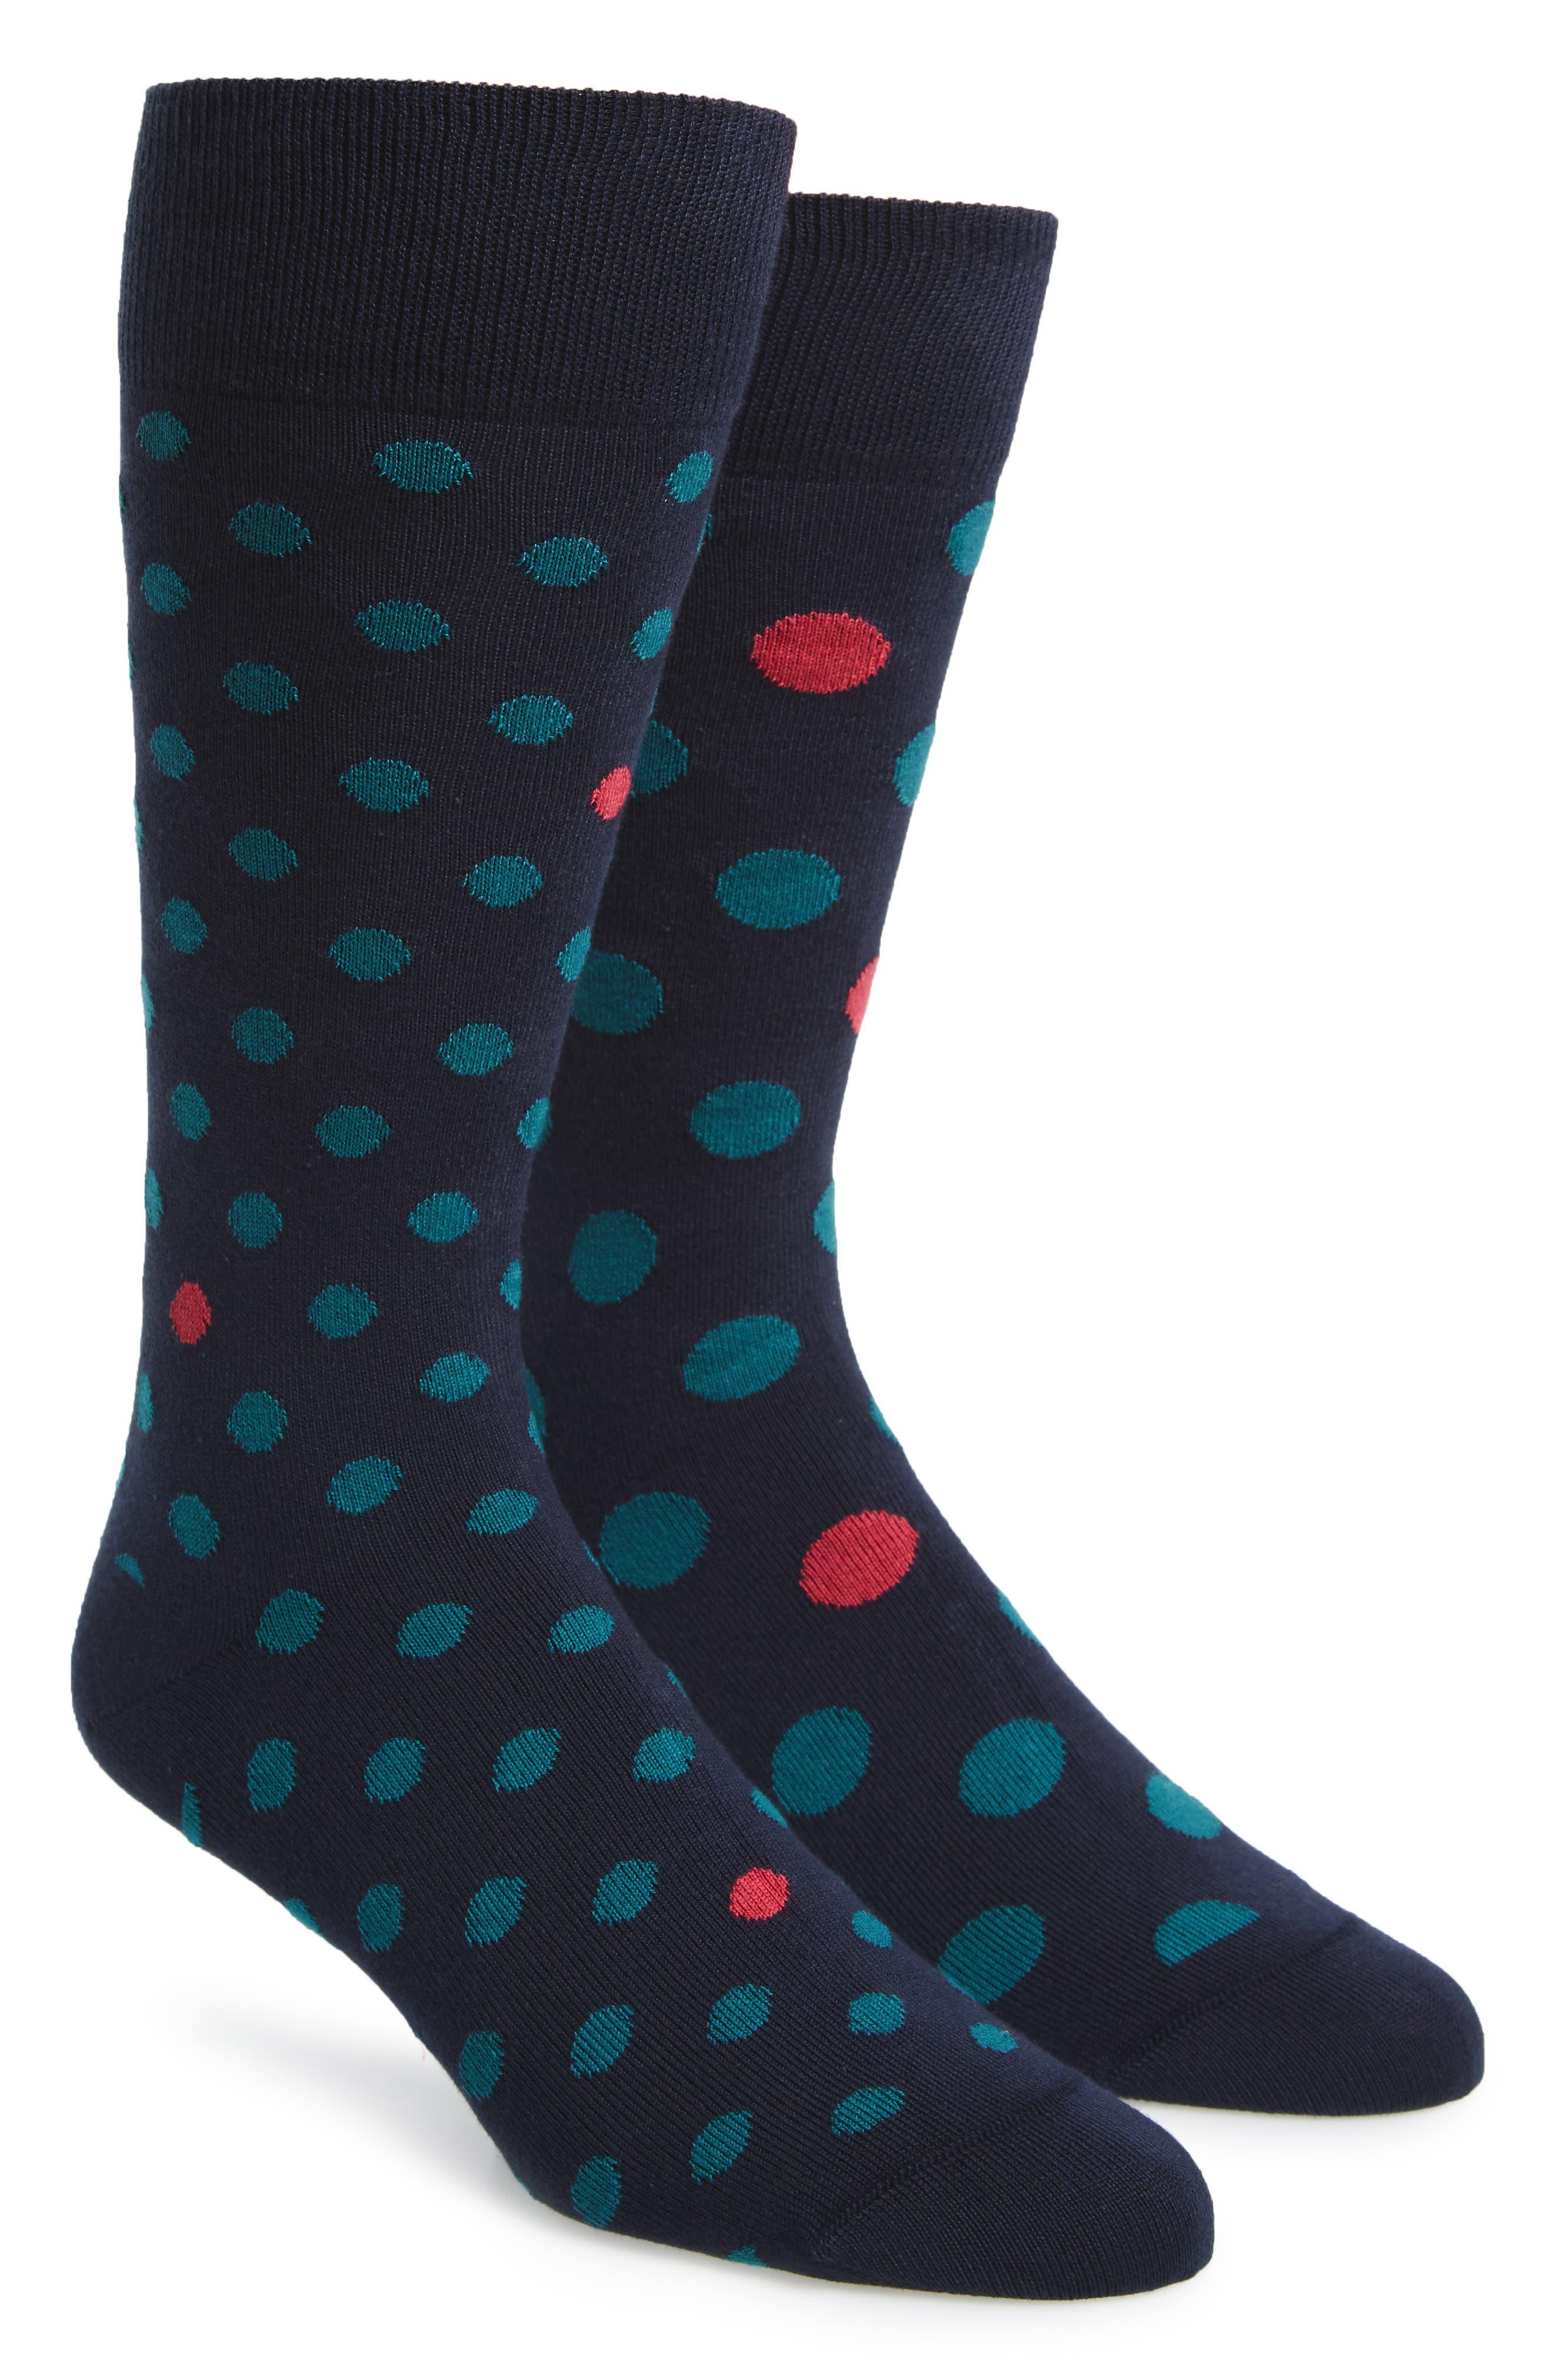 Paul Smith Odd Polka Dot Socks